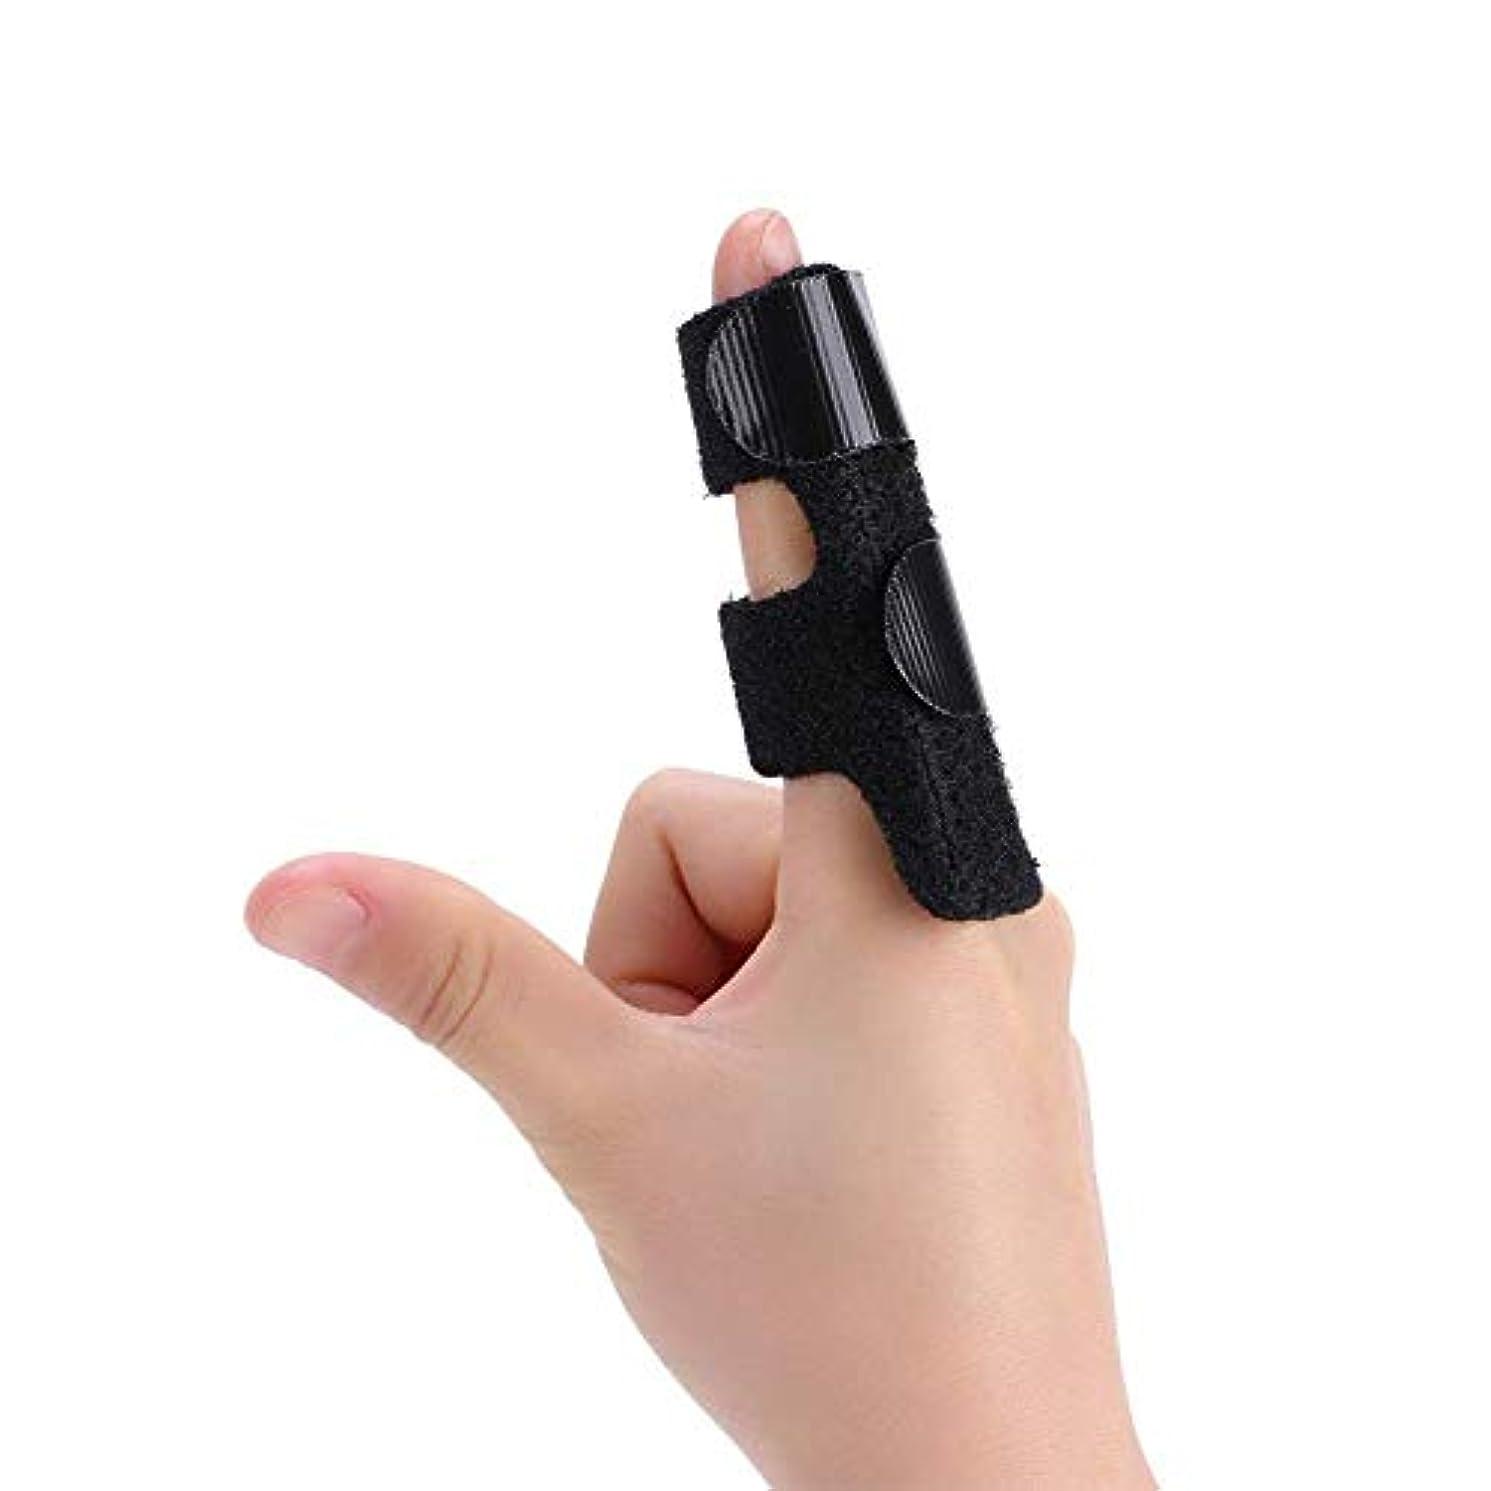 明日晩餐公使館ばね指スプリント、指拡張スプリント、内蔵のアルミサポートトリガー、指ナックル固定化のために、指の骨折、傷、術後ケアと痛み - フル指用